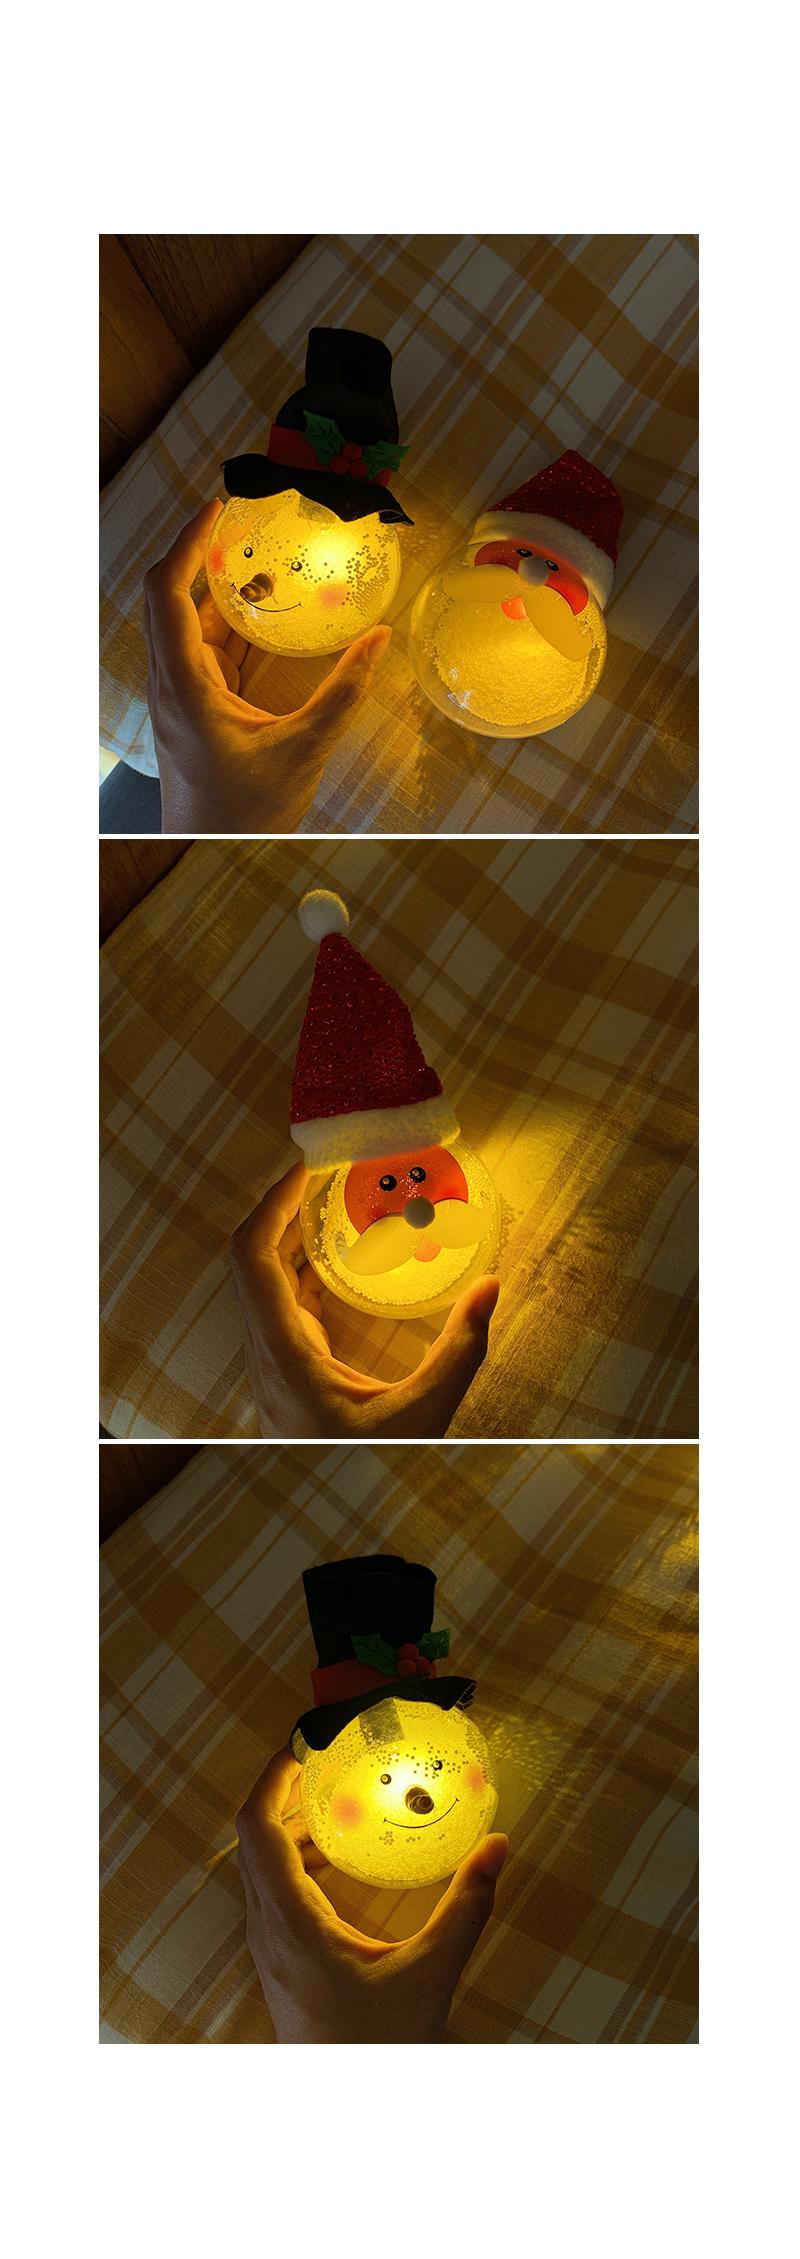 Color Mini Mirror Ball 컬러미니미러볼 - 메종드알로하, 2,000원, 장식품, 오너먼트